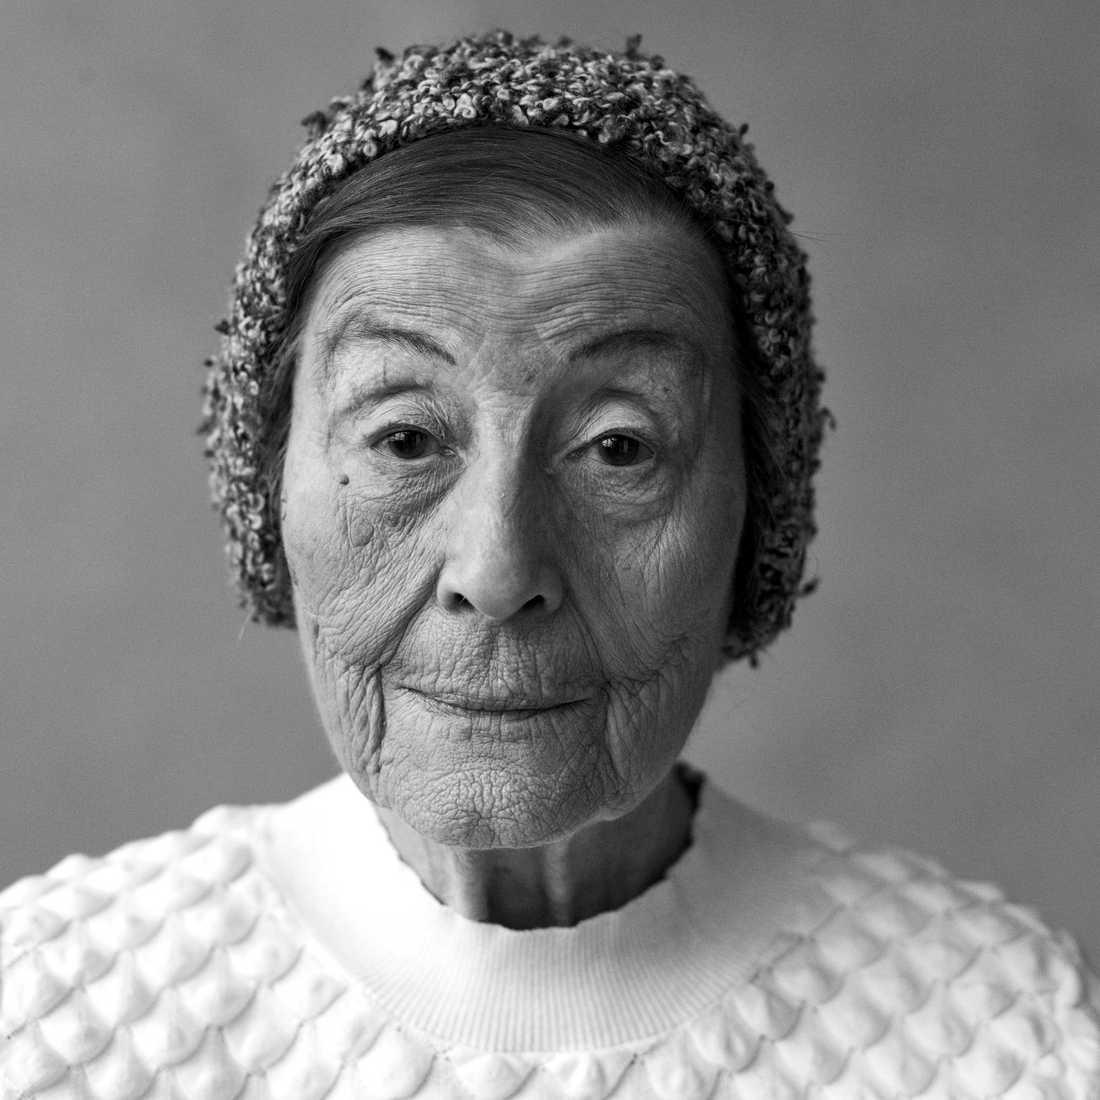 Anna Grüner, överlevande av Förintelsen. Har dokumenterats för utställningen på Kulturhuset i samarbete med Moderna museet senare i år.